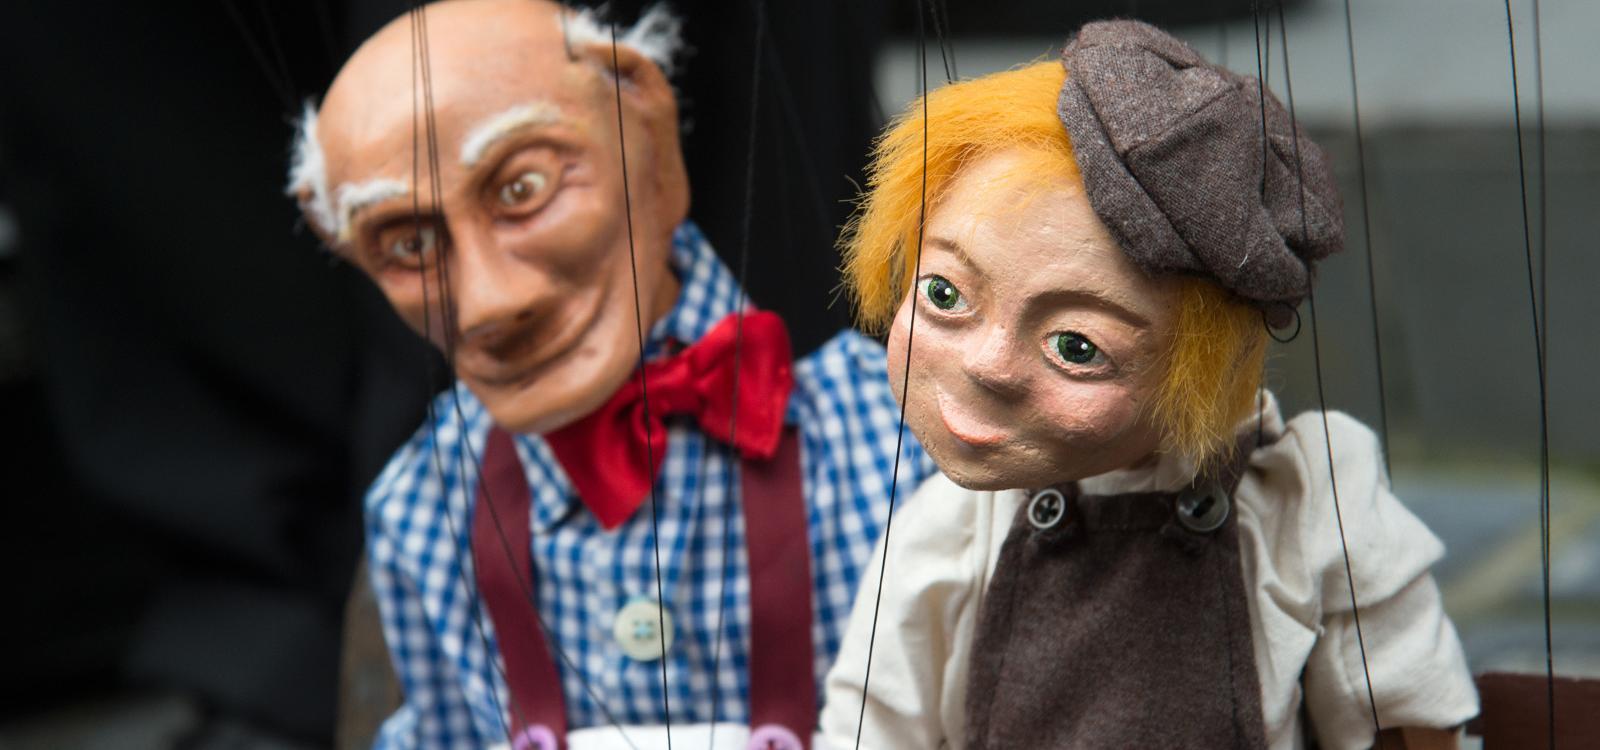 Festival Mondial des Théâtre de Marionnettes à Charleville-Mézières